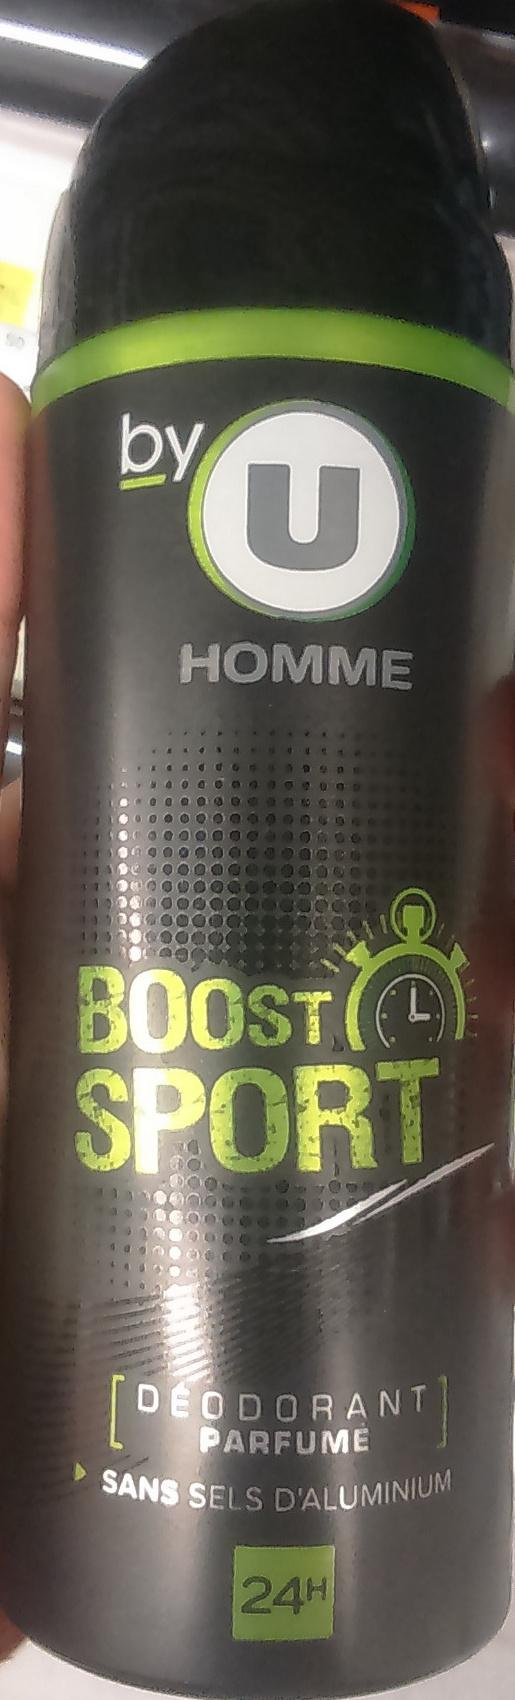 Déodorant parfumé Boost Sport - Produit - fr